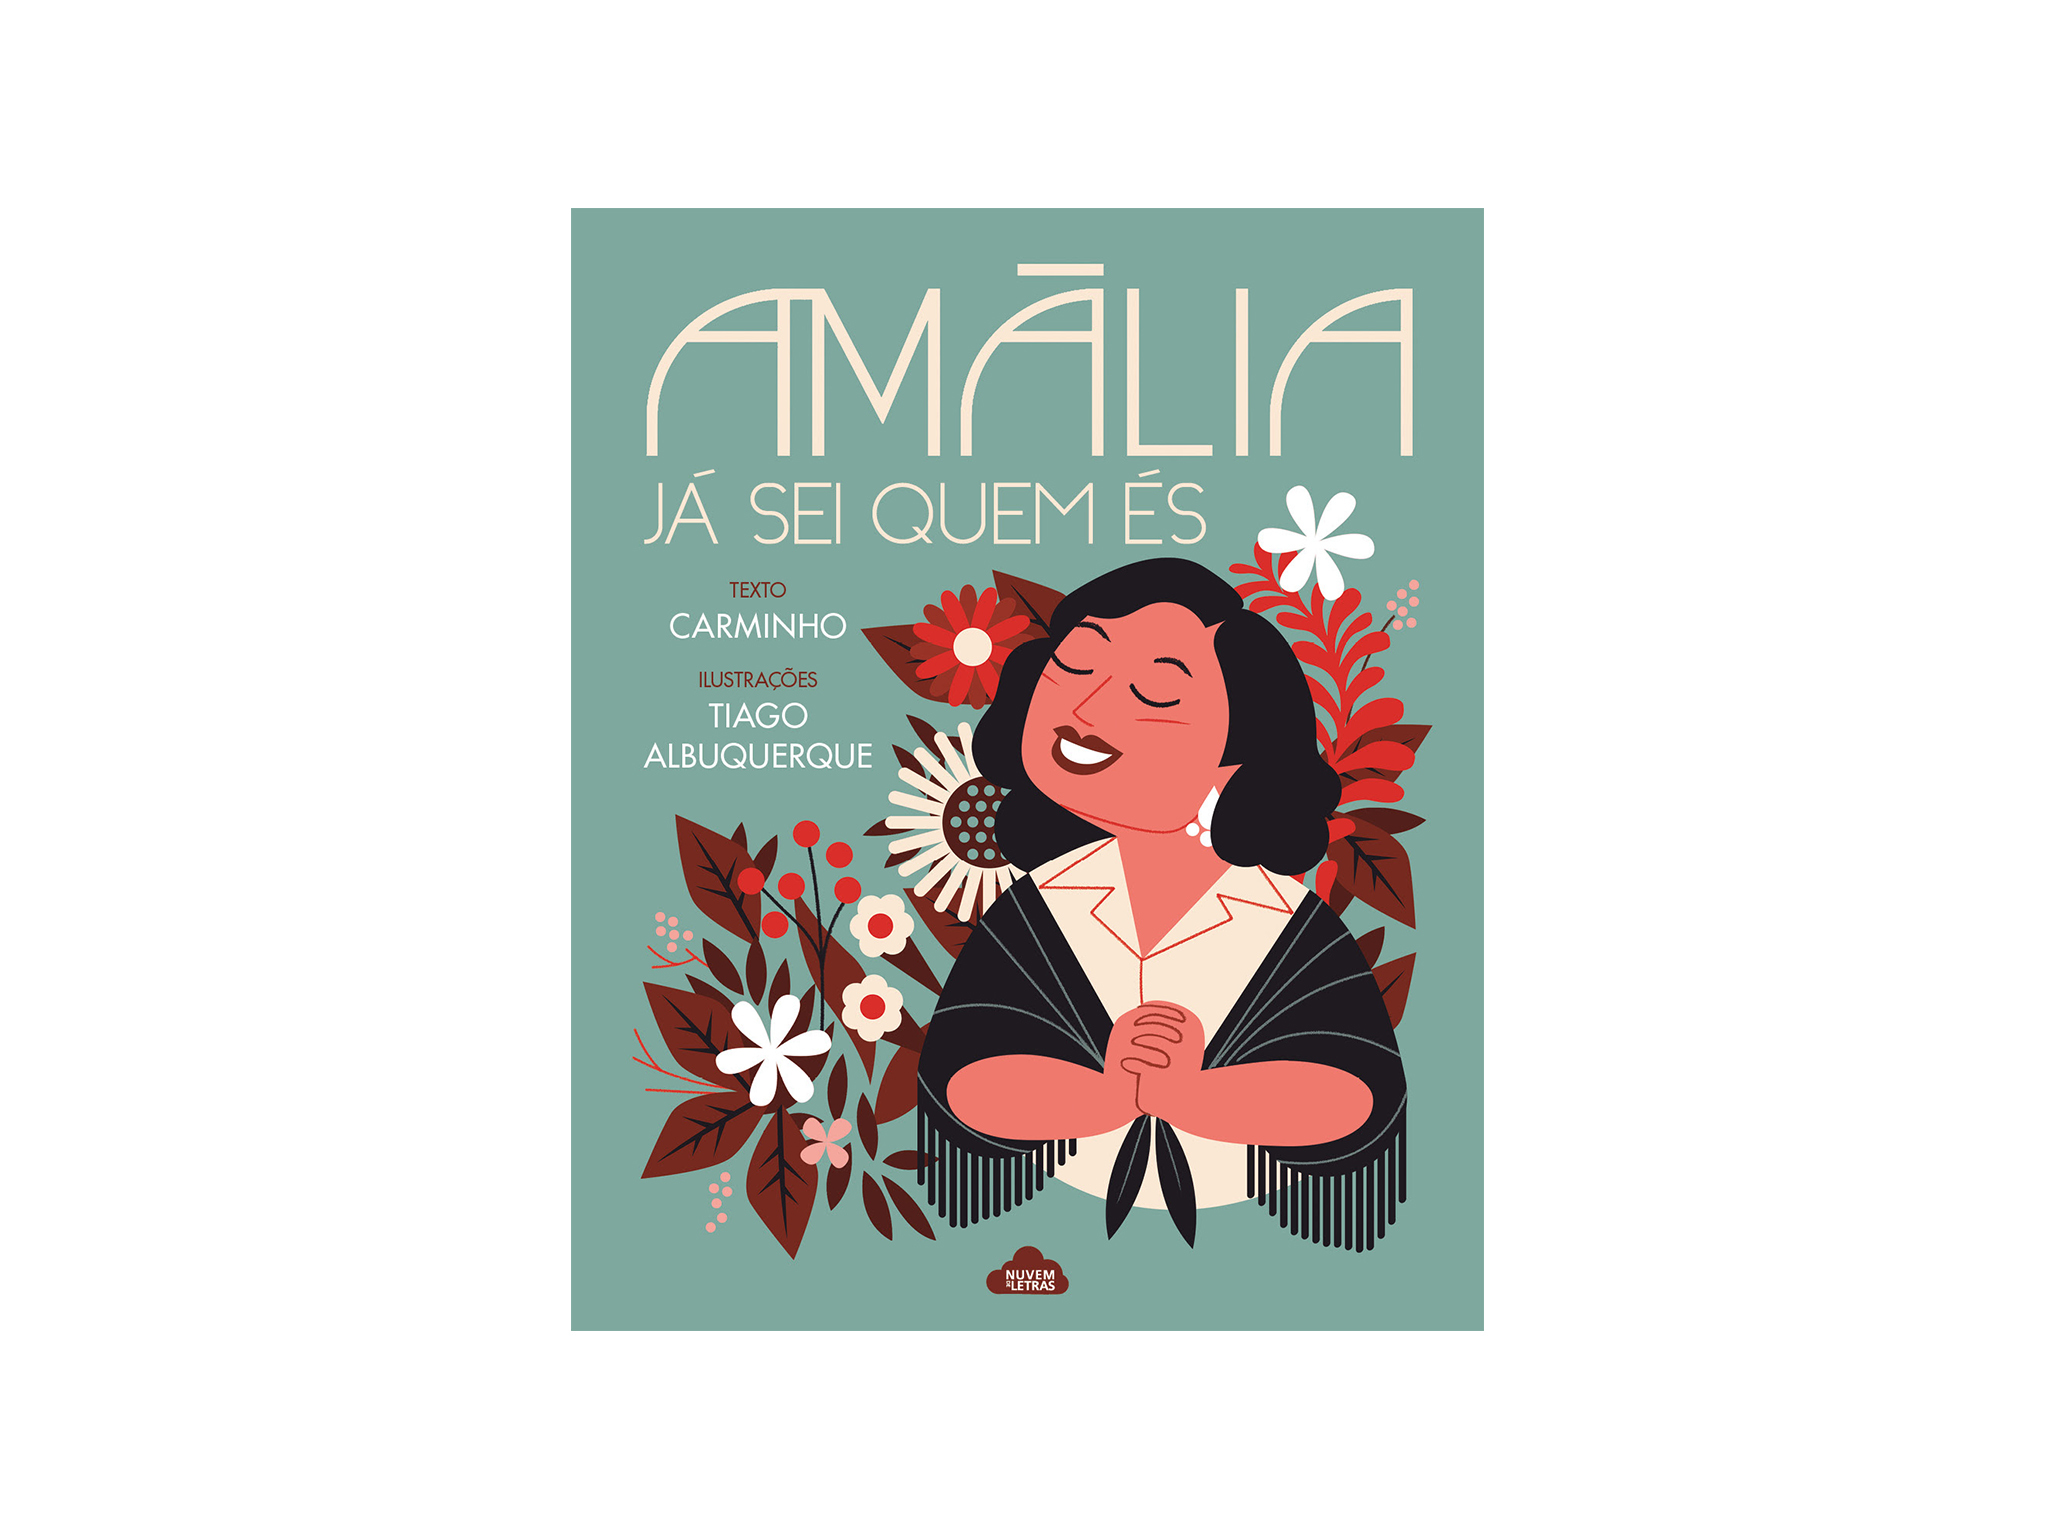 Livro, Amália, já sei quem és, Tiago Albuquerque, Carminho